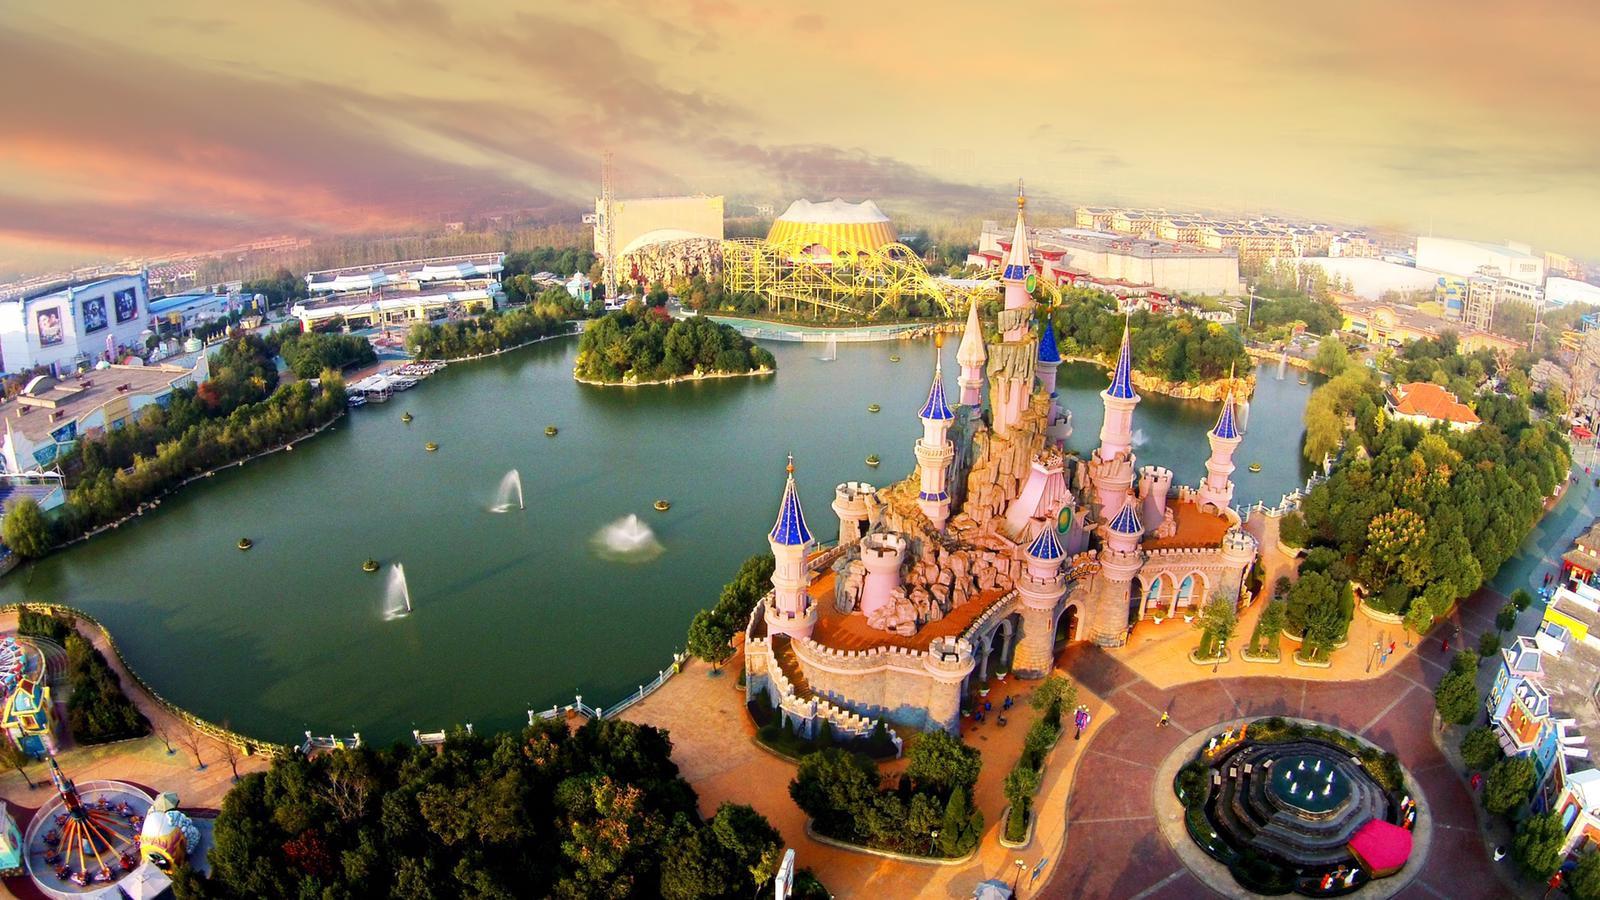 Een van de themaparken van Fantawild in China.